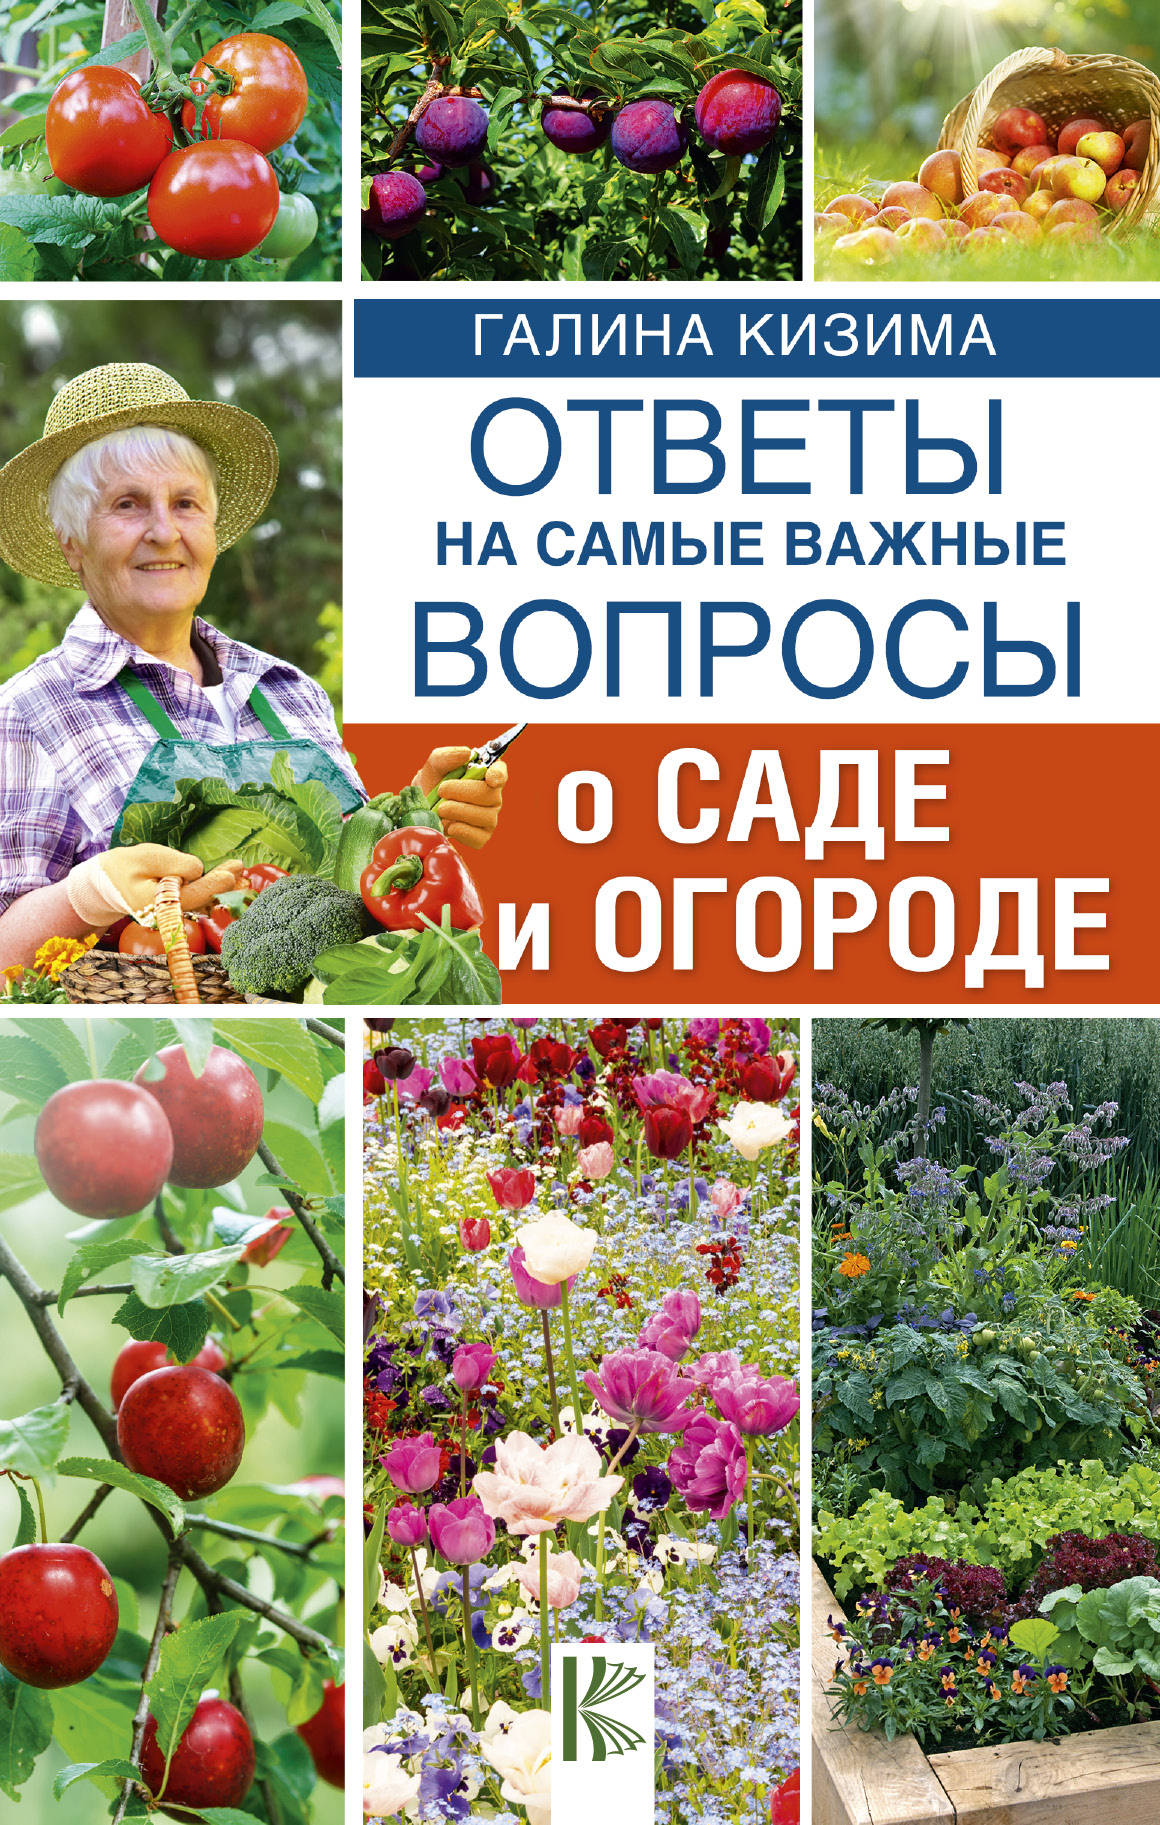 Галина Кизима Ответы на самые важные вопросы о саде и огороде кизима г ответы на 365 вопросов о саде и огороде